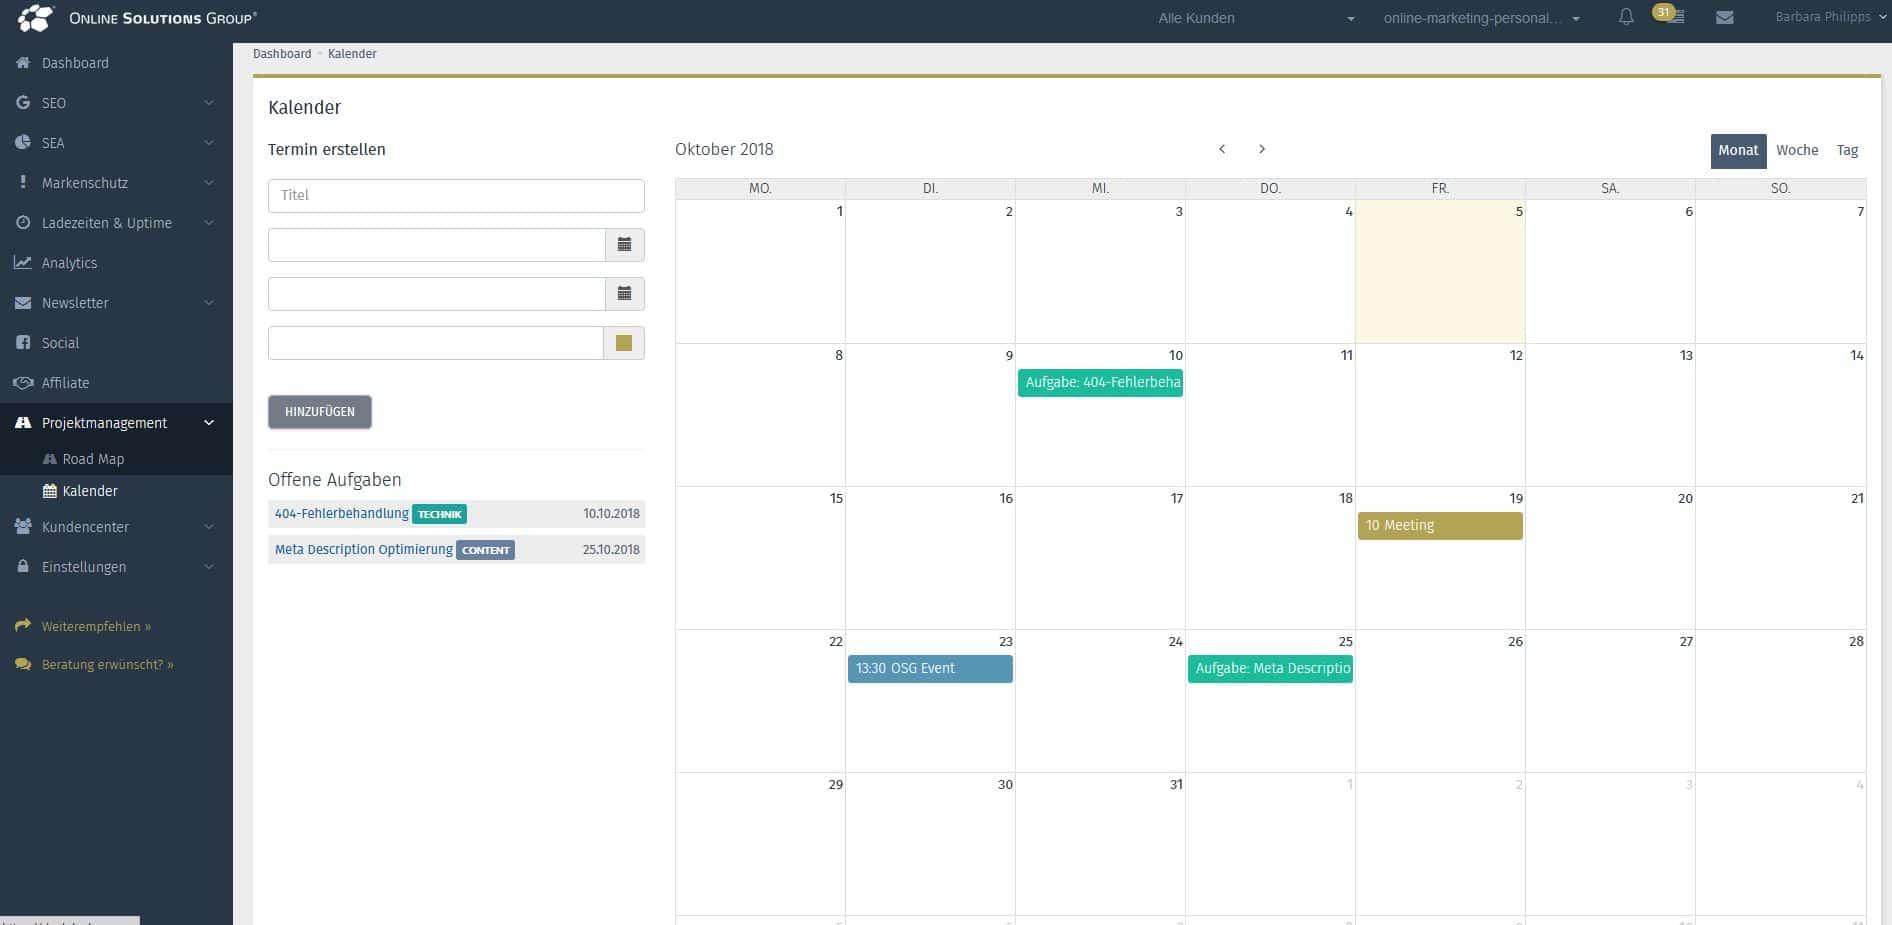 Screenshot des Kalenders mit Einträgen aus der OSG Performance Suite